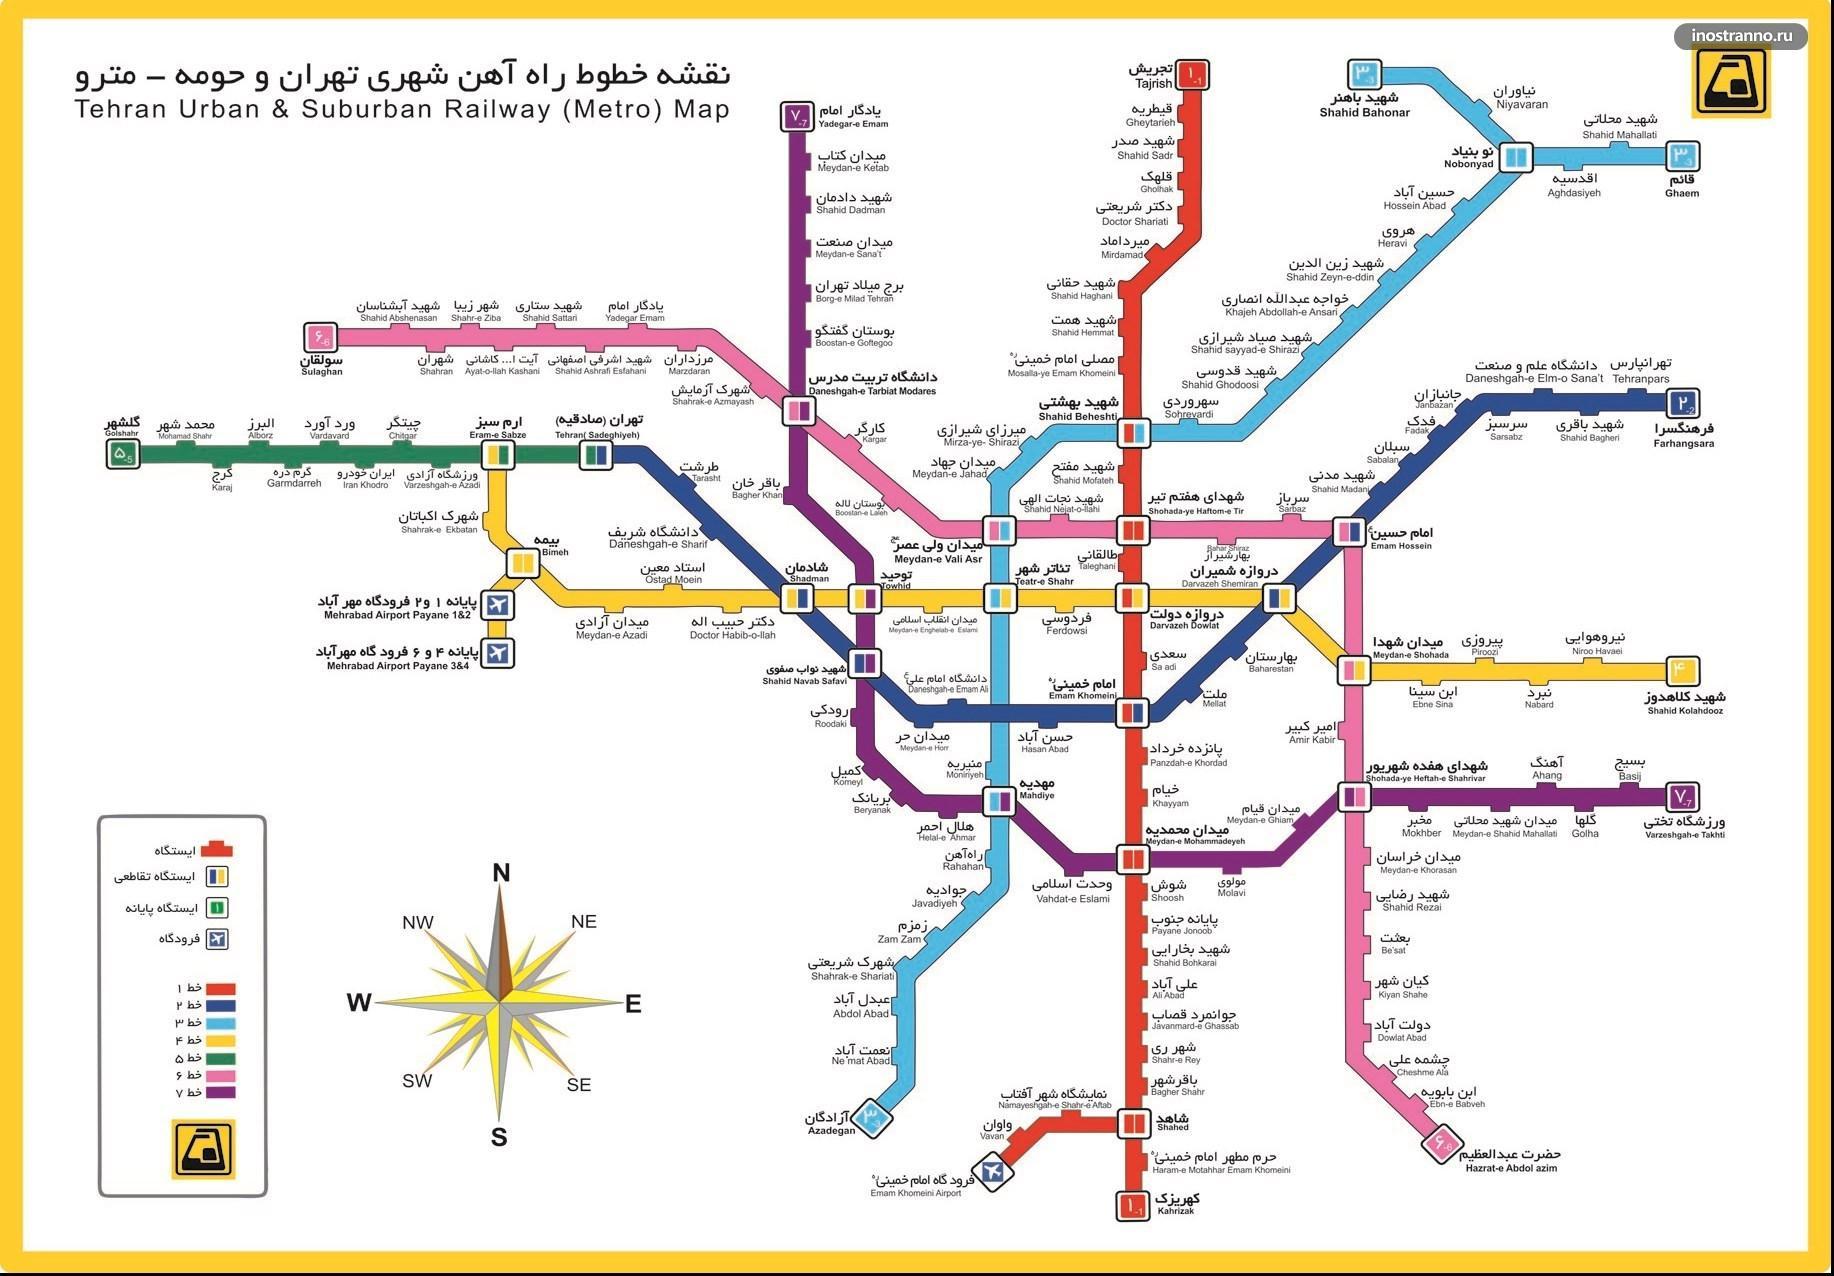 Карта схема метро Тегерана